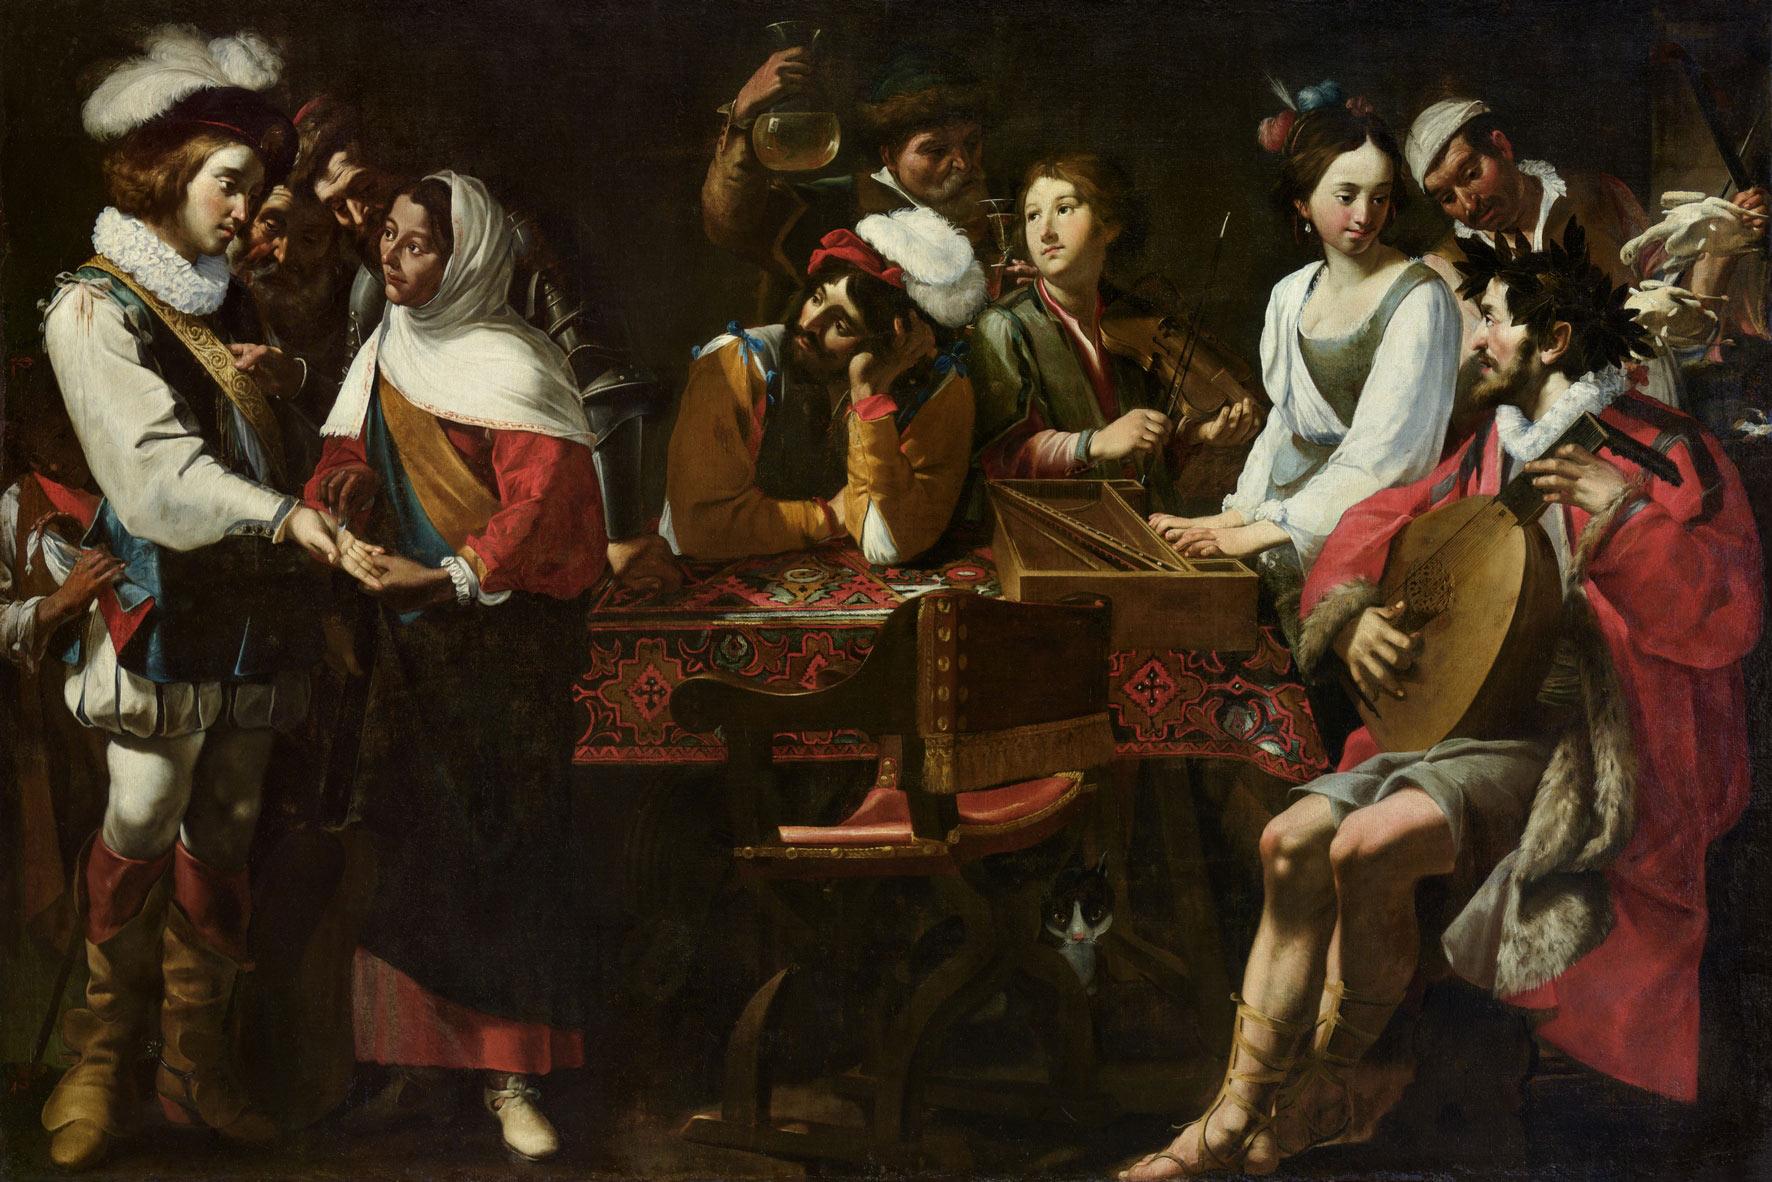 Gregorio e Mattia Preti, Concerto con scena di buona ventura (1630-1635; olio su tela, 195 x 285 cm; Torino, Pinacoteca dell'Accademia Albertina)